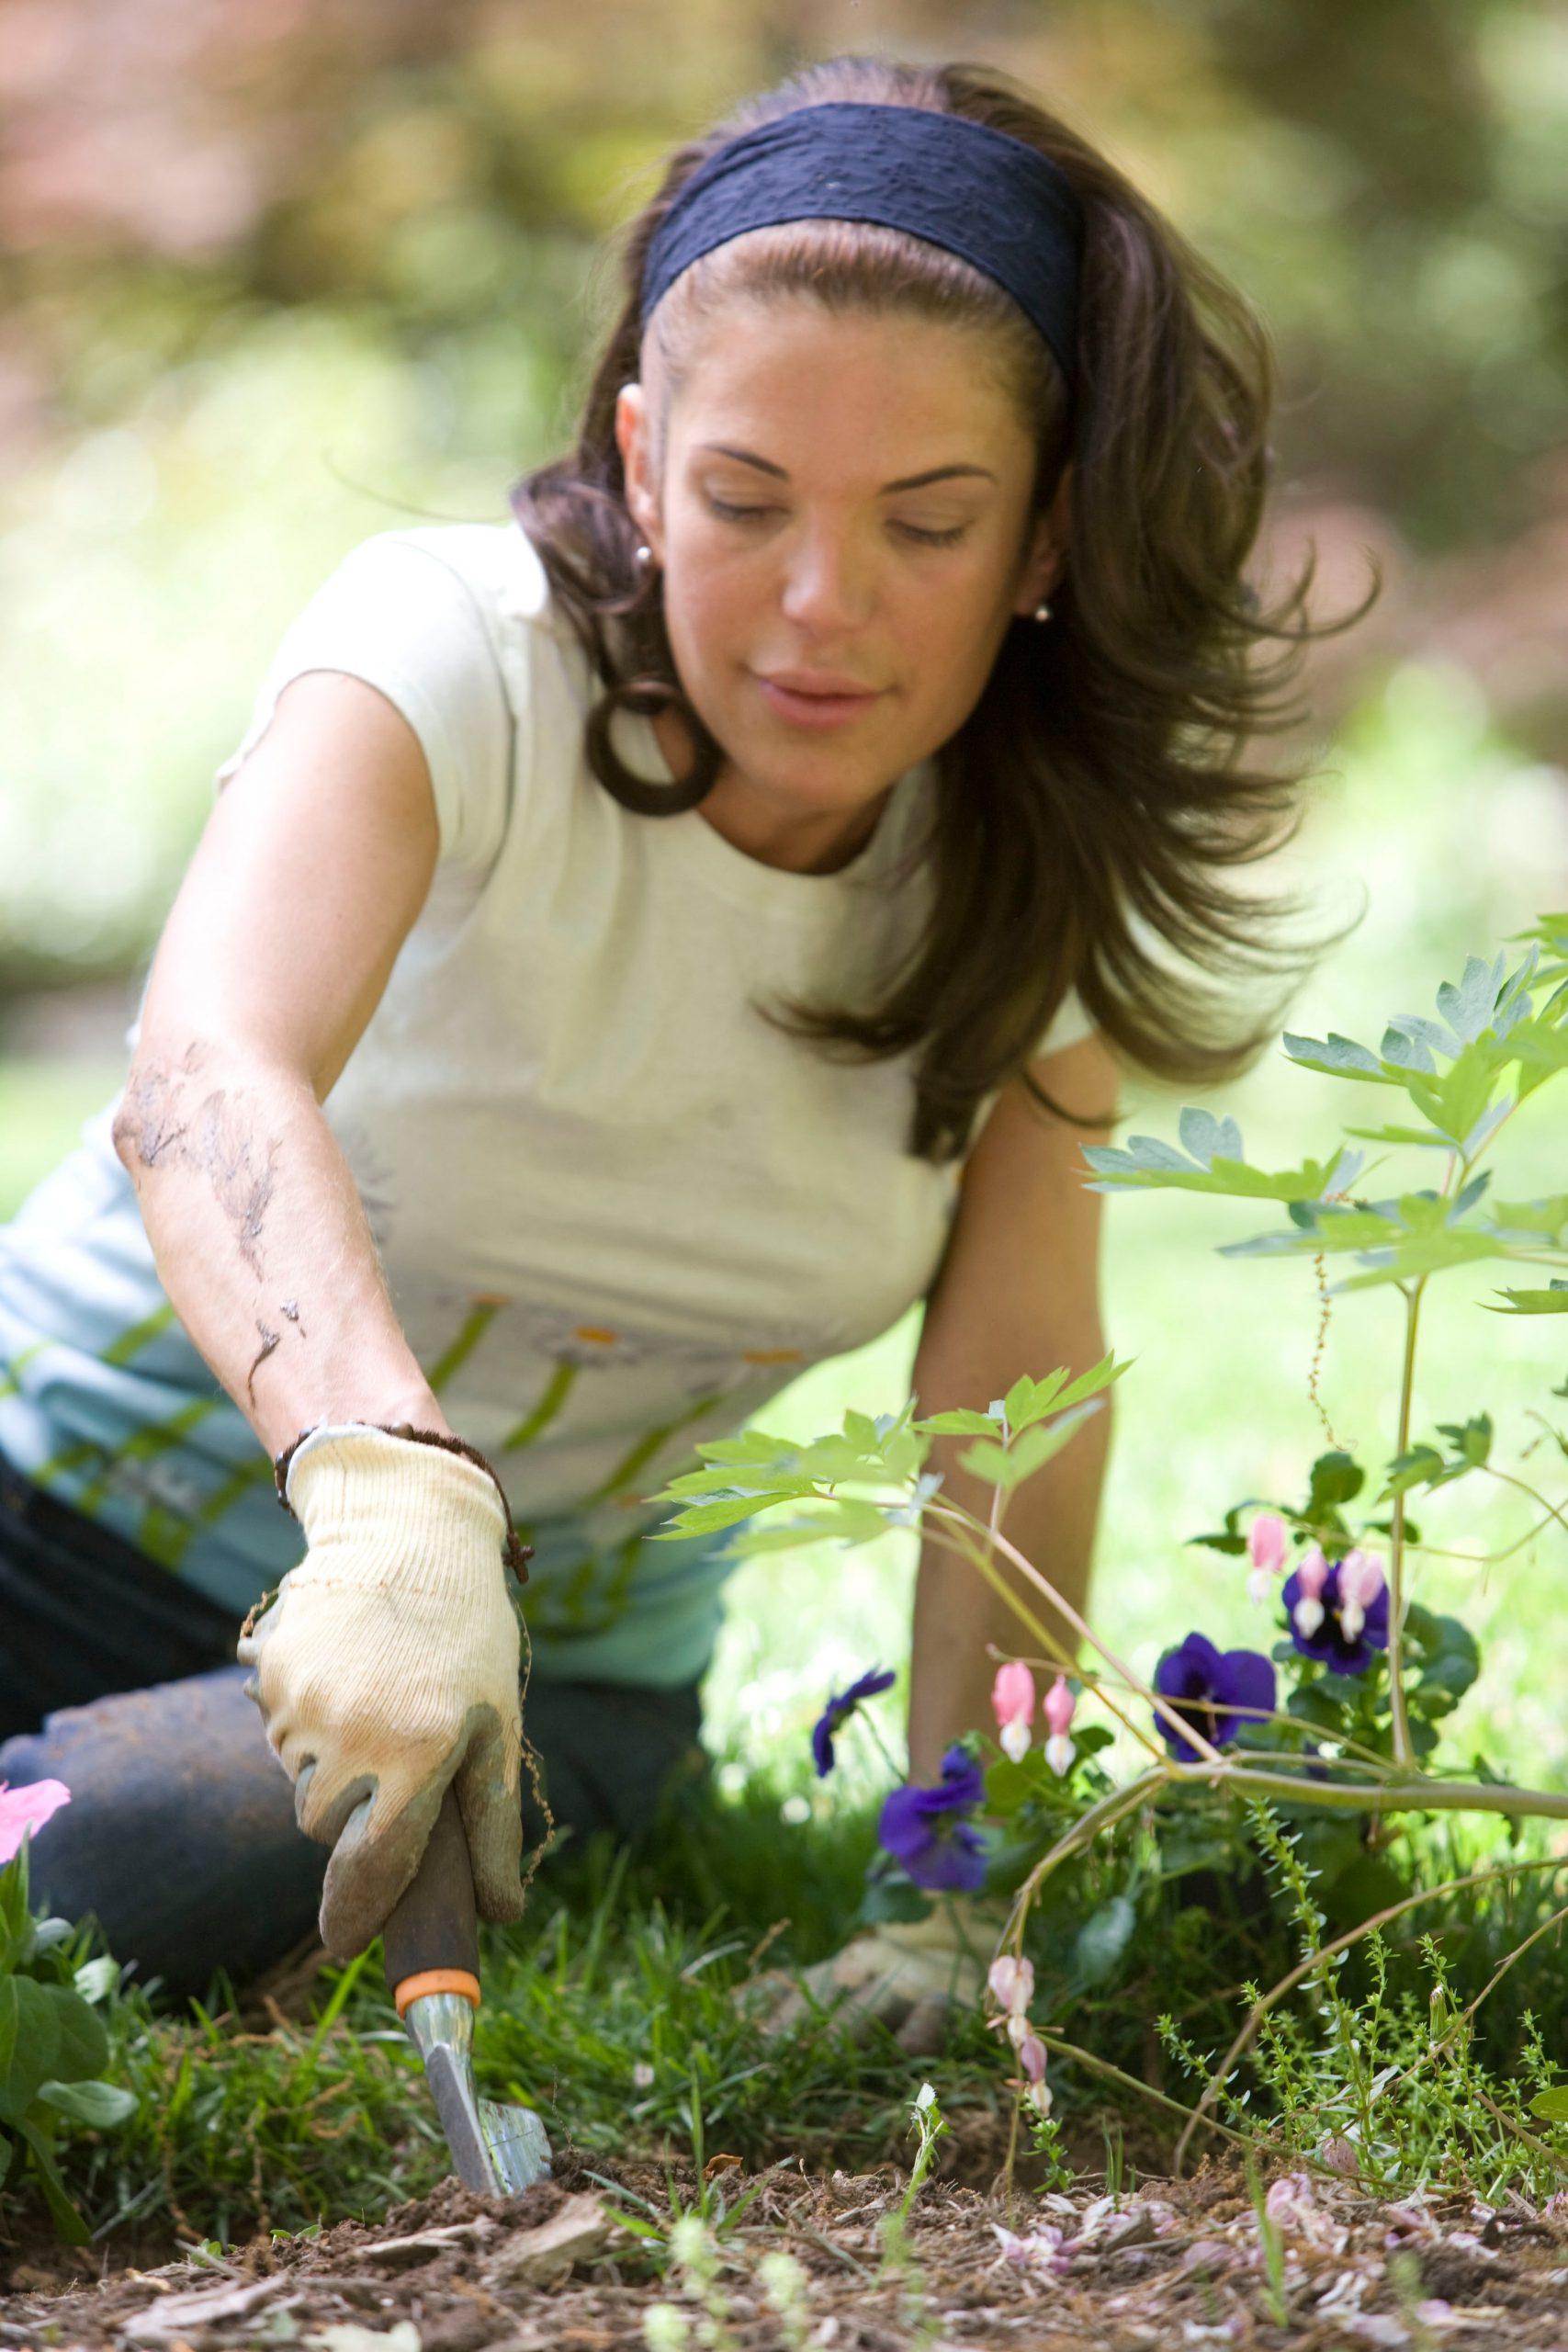 Quels sont les outils indispensables pour bricoler et jardiner ?